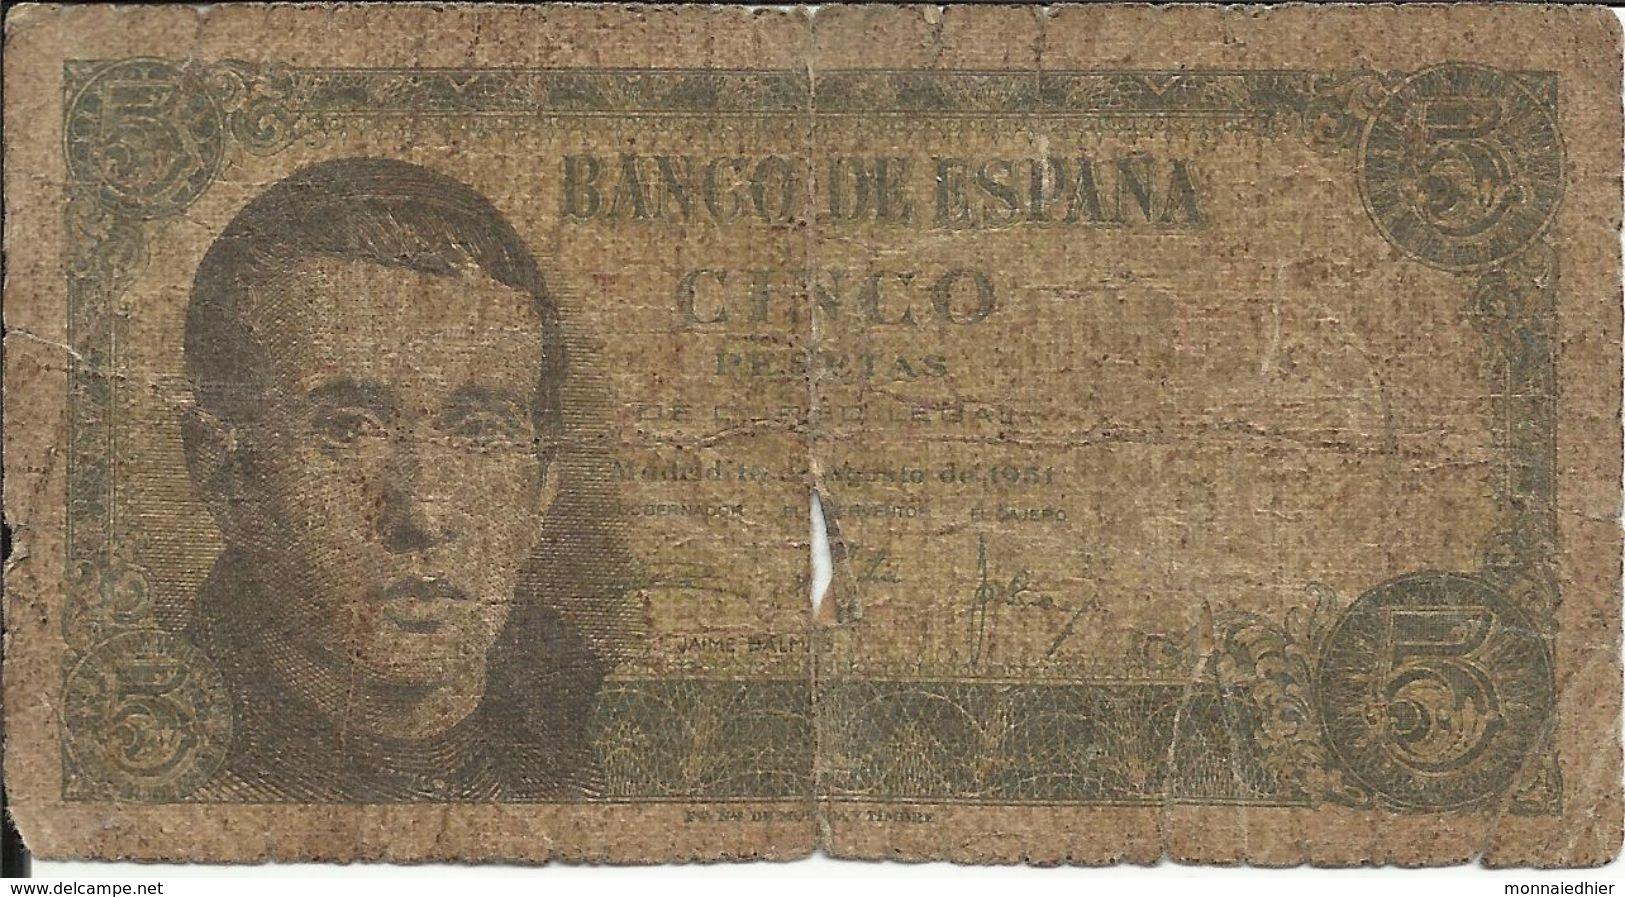 BANCO DE ESPANA , 5 Pesetas , 16.8.1951 , N° World Paper Money : 140 - 5 Pesetas